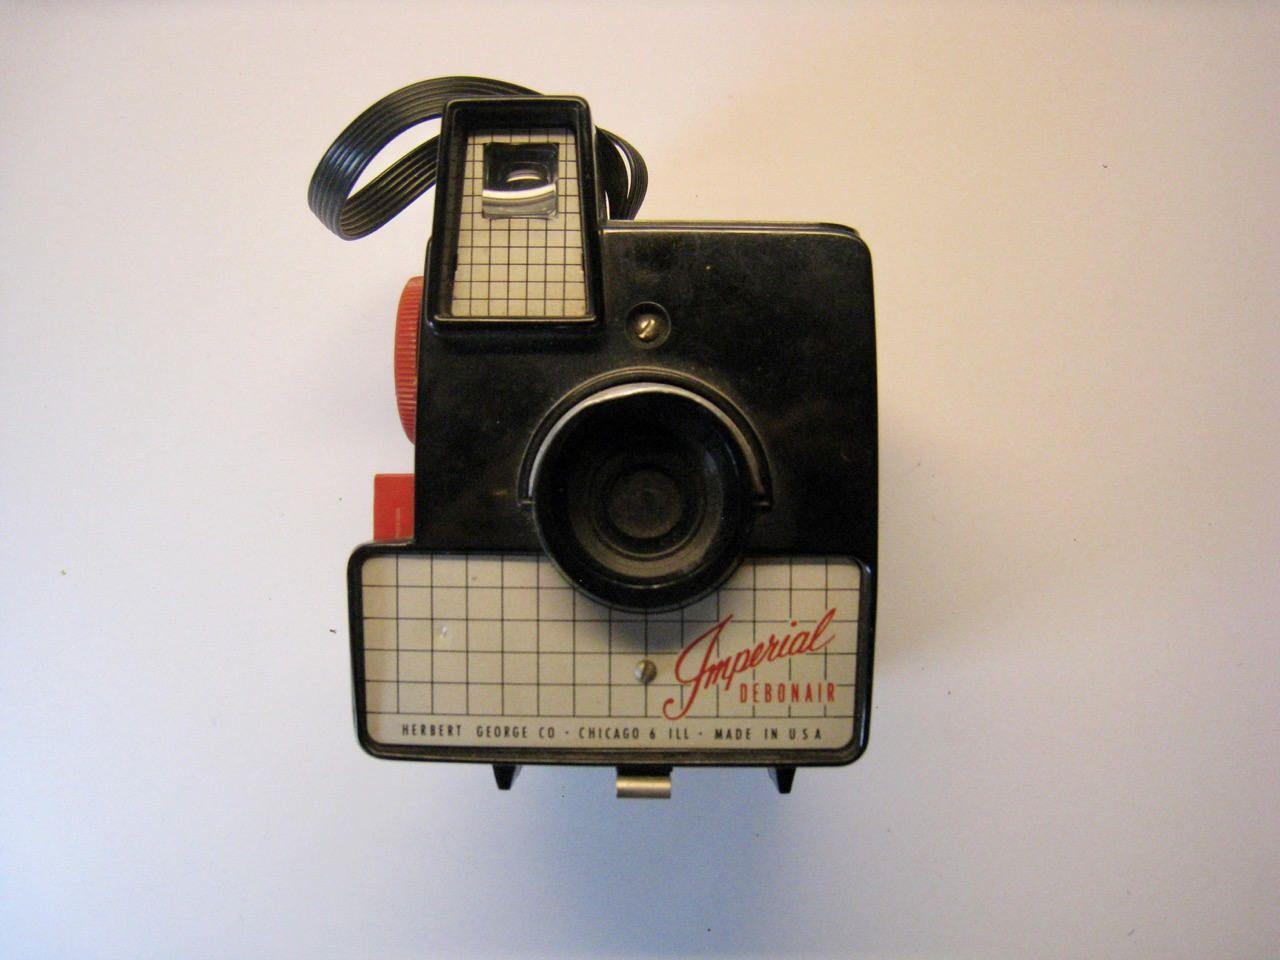 Vintage camera. Imperial Debonair camera from Herbert George Co. Chicago. by PickleladyVintage on Etsy